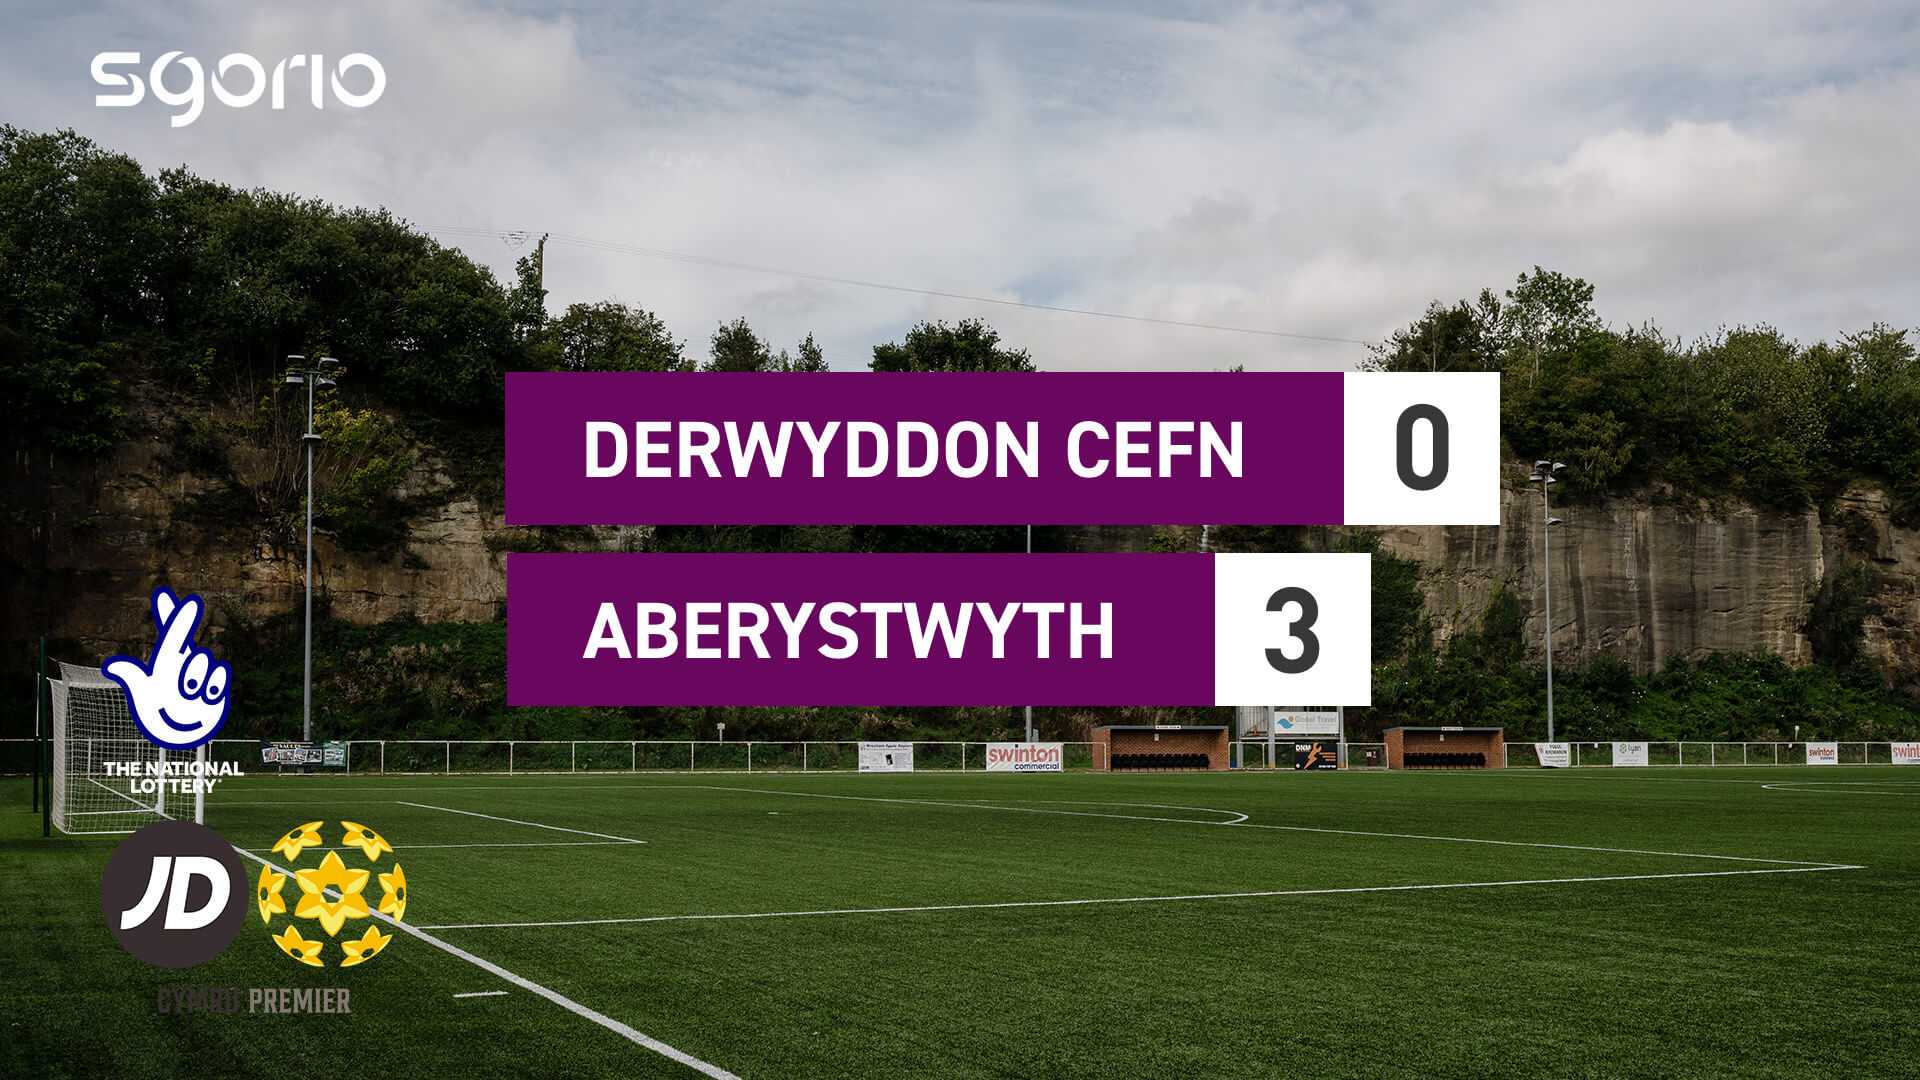 Derwyddon Cefn 0-3 Aberystwyth